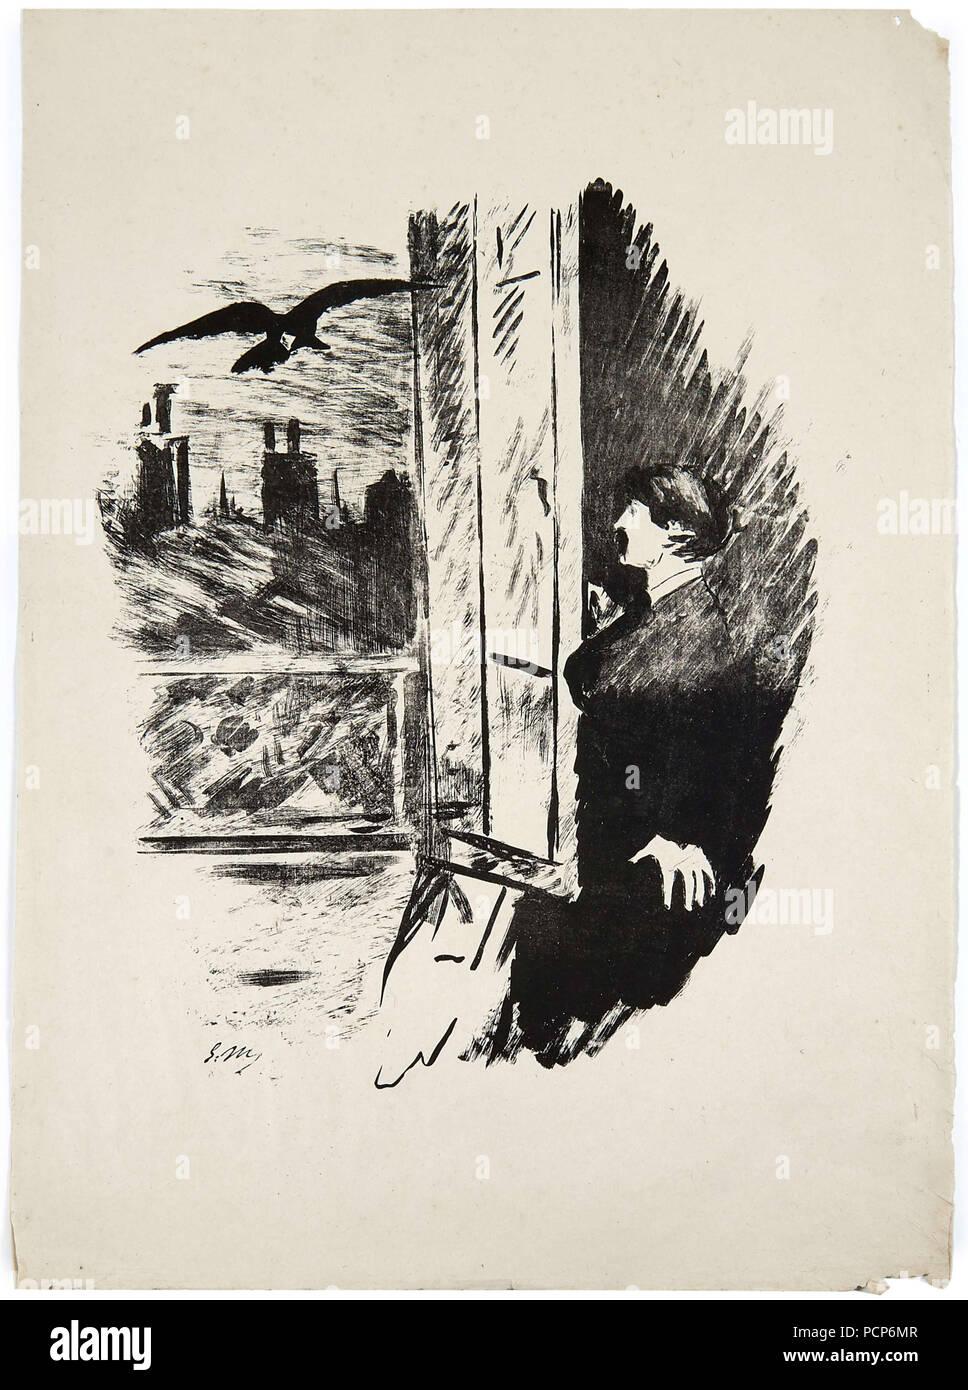 Illustration Für Das Gedicht Le Corbeau Raven Von Edgar